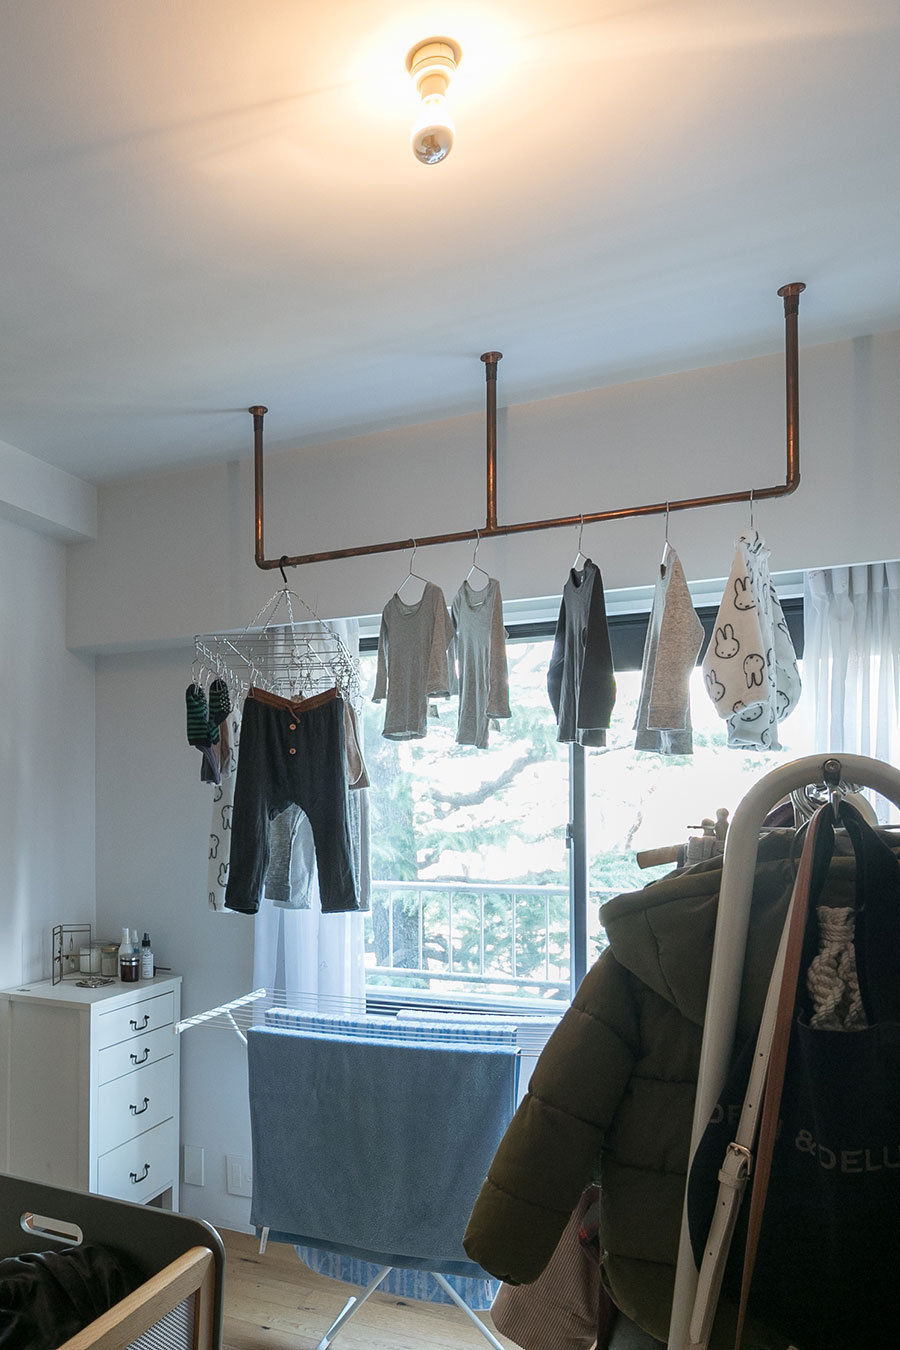 洗濯物をかけるバーは銅管を使用。「ハンガーを使って洗濯物を干し、下着以外はハンガーのまましまいます。畳む手間が省けて家事効率が上がります」